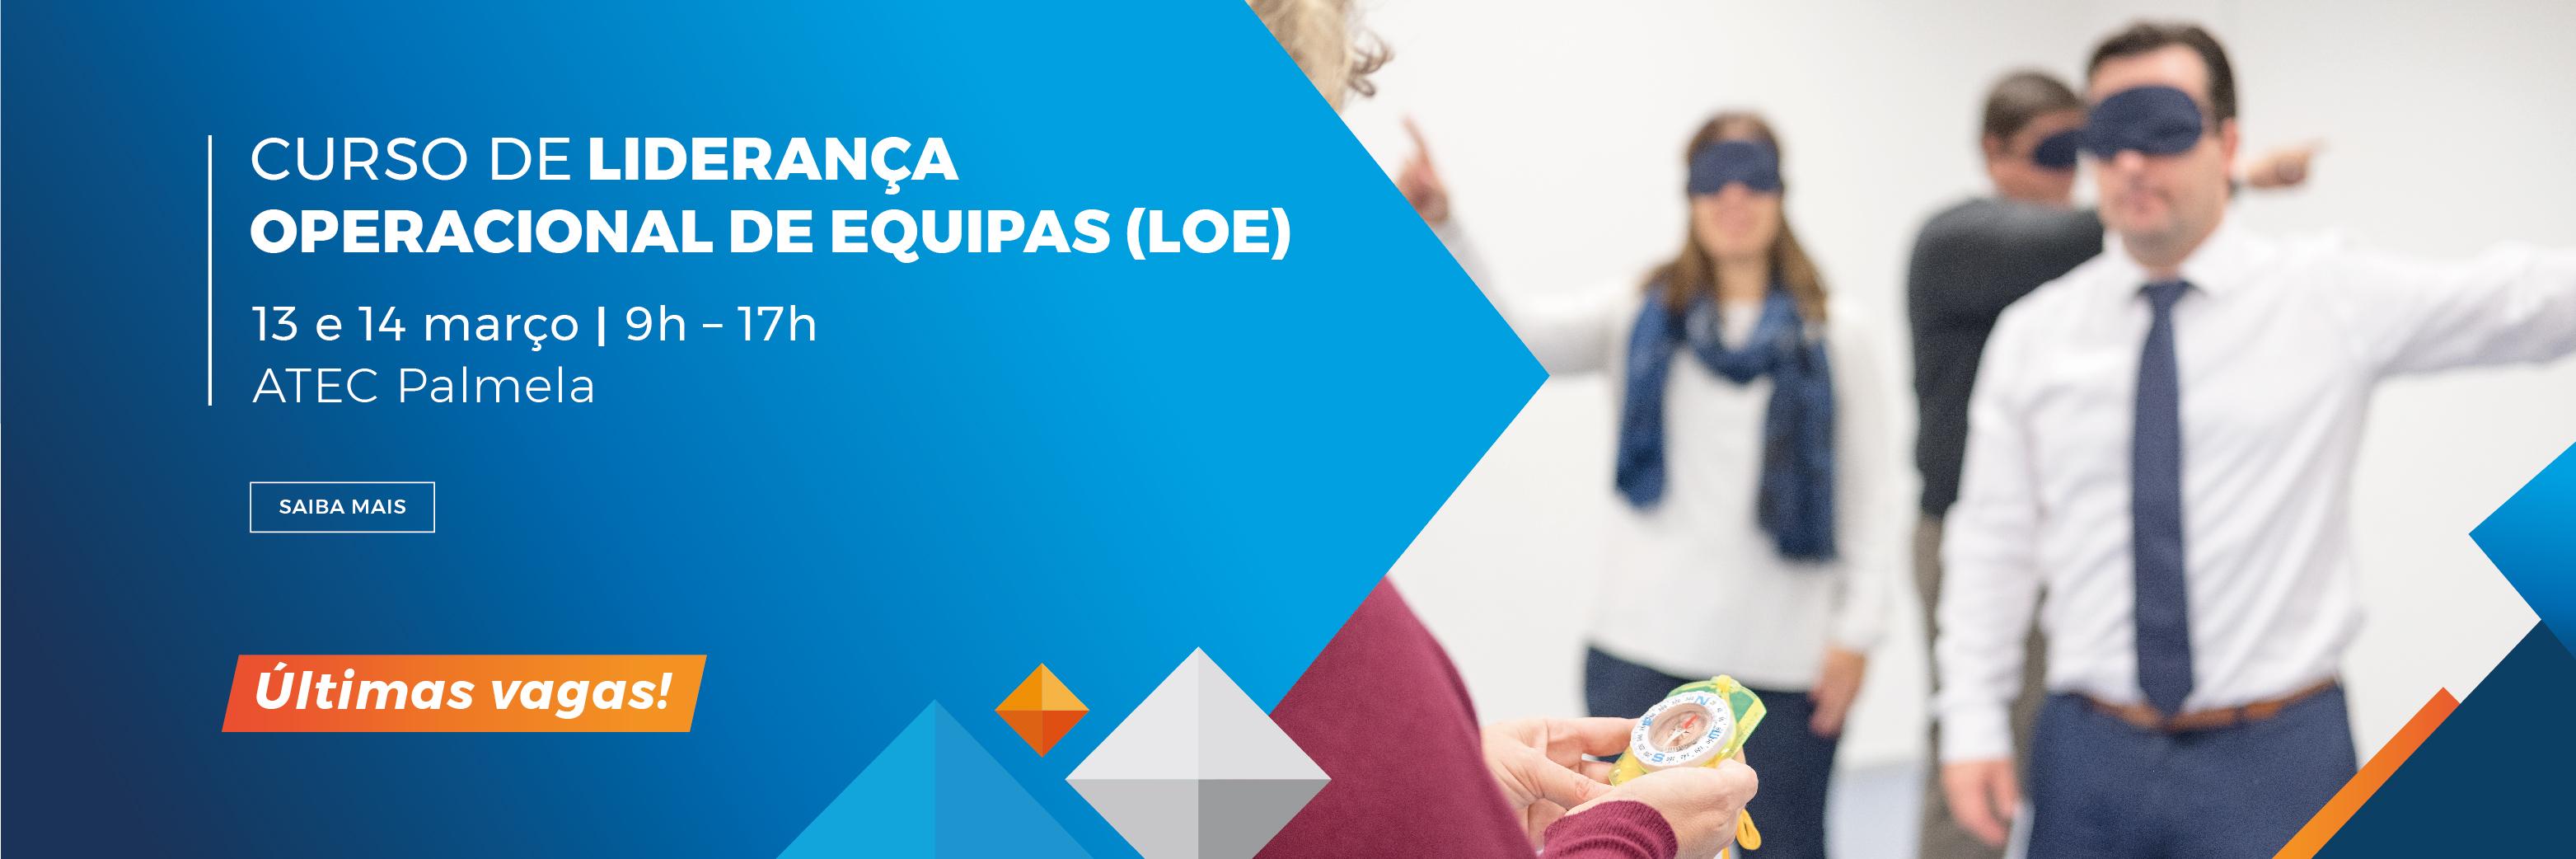 ATEC-Lideranca-Operacional-de-Equipas_v2-02